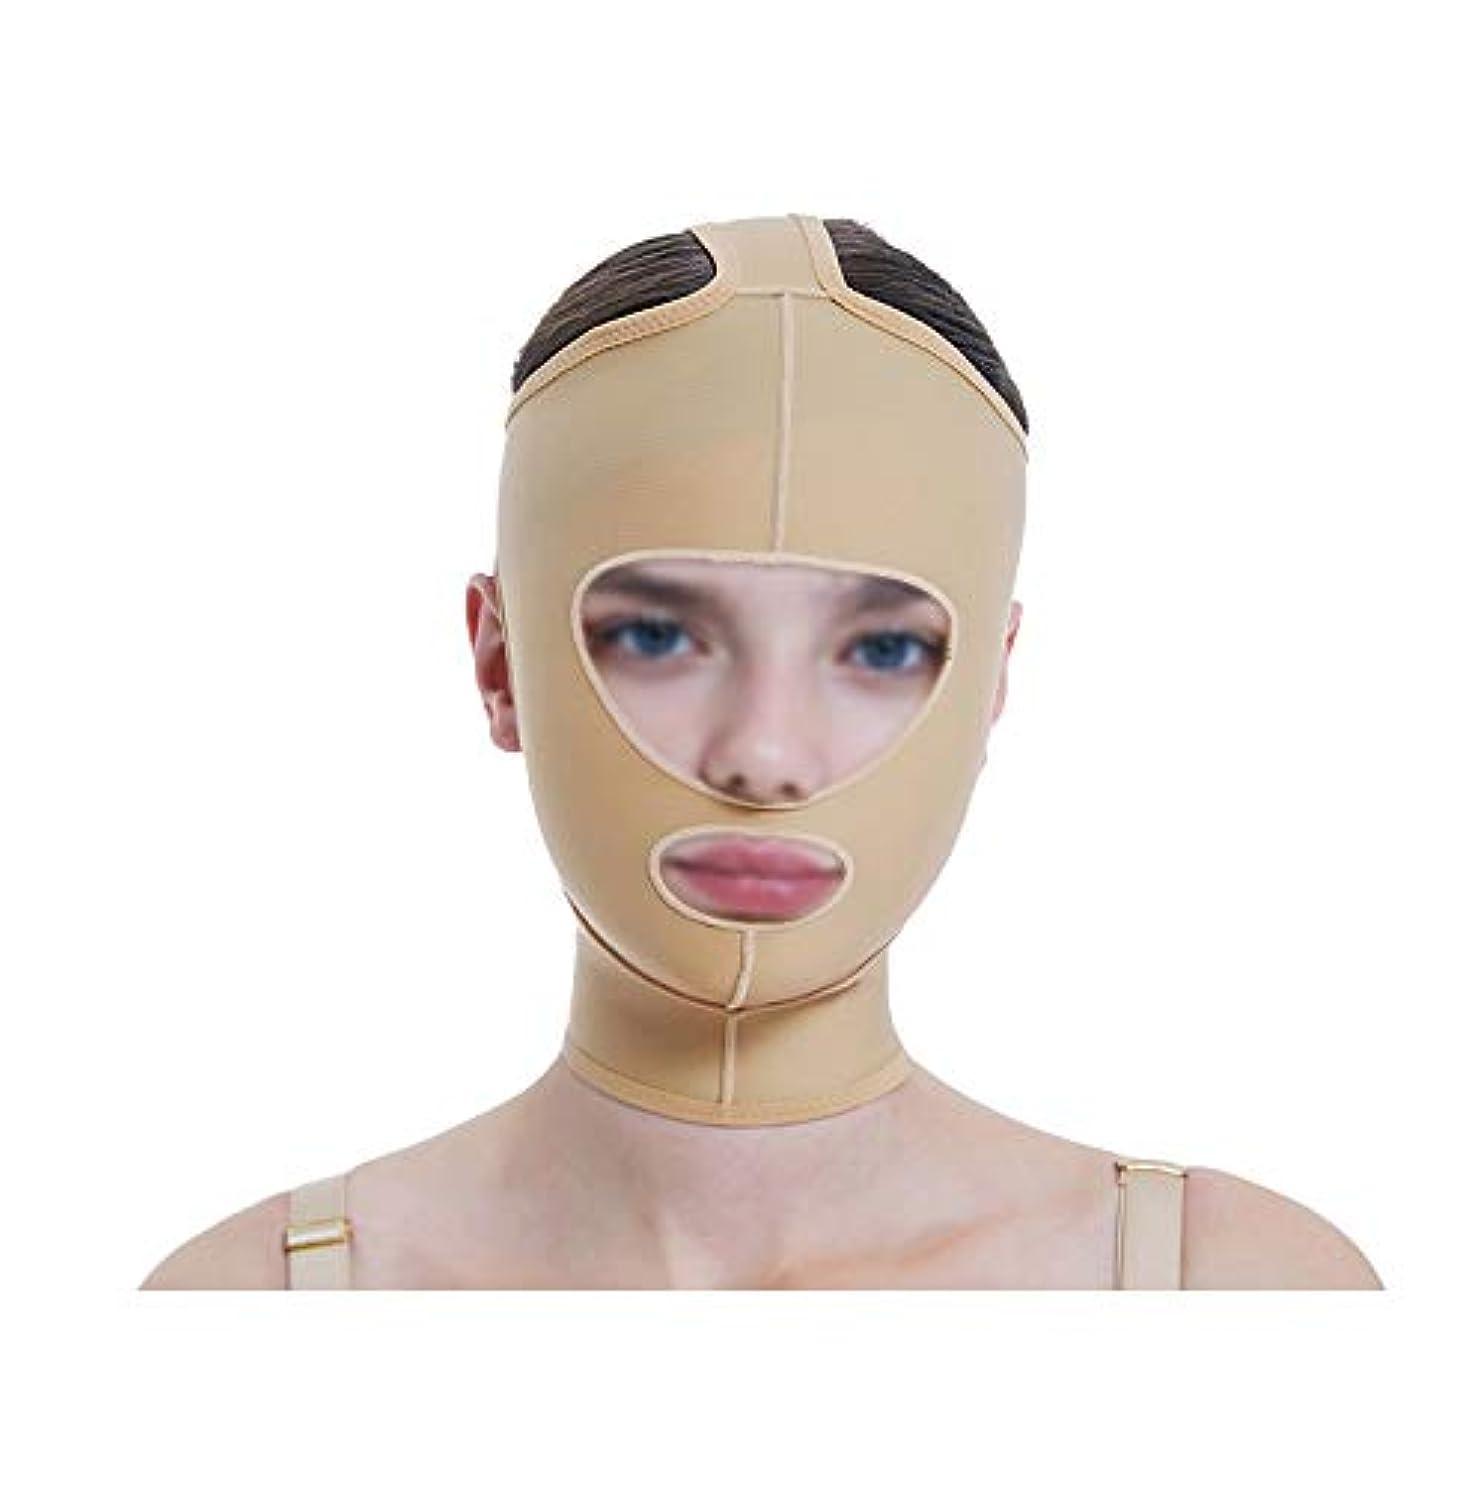 シート剛性道TLMY 顔と首のリフト痩身マスクの顔の彫刻の顔の弾性スーツ薄い二重あごのアーティファクトV顔のビーム表面 顔用整形マスク (Size : S)